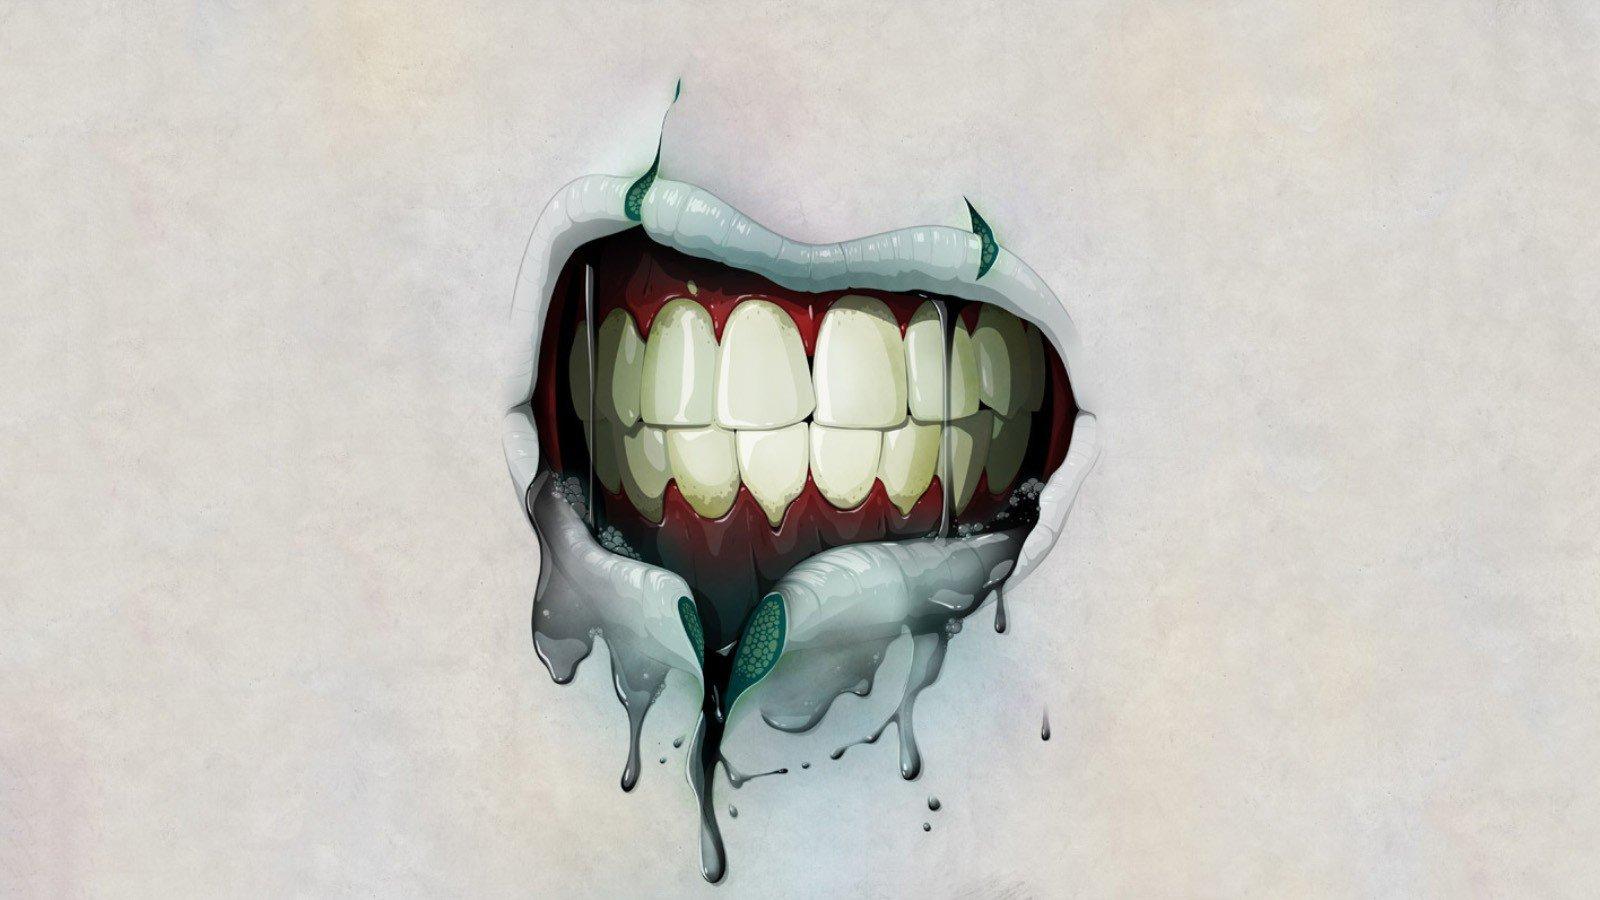 Centre dentaire Bayard : Pourquoi opter pour ce centre dentaire ?